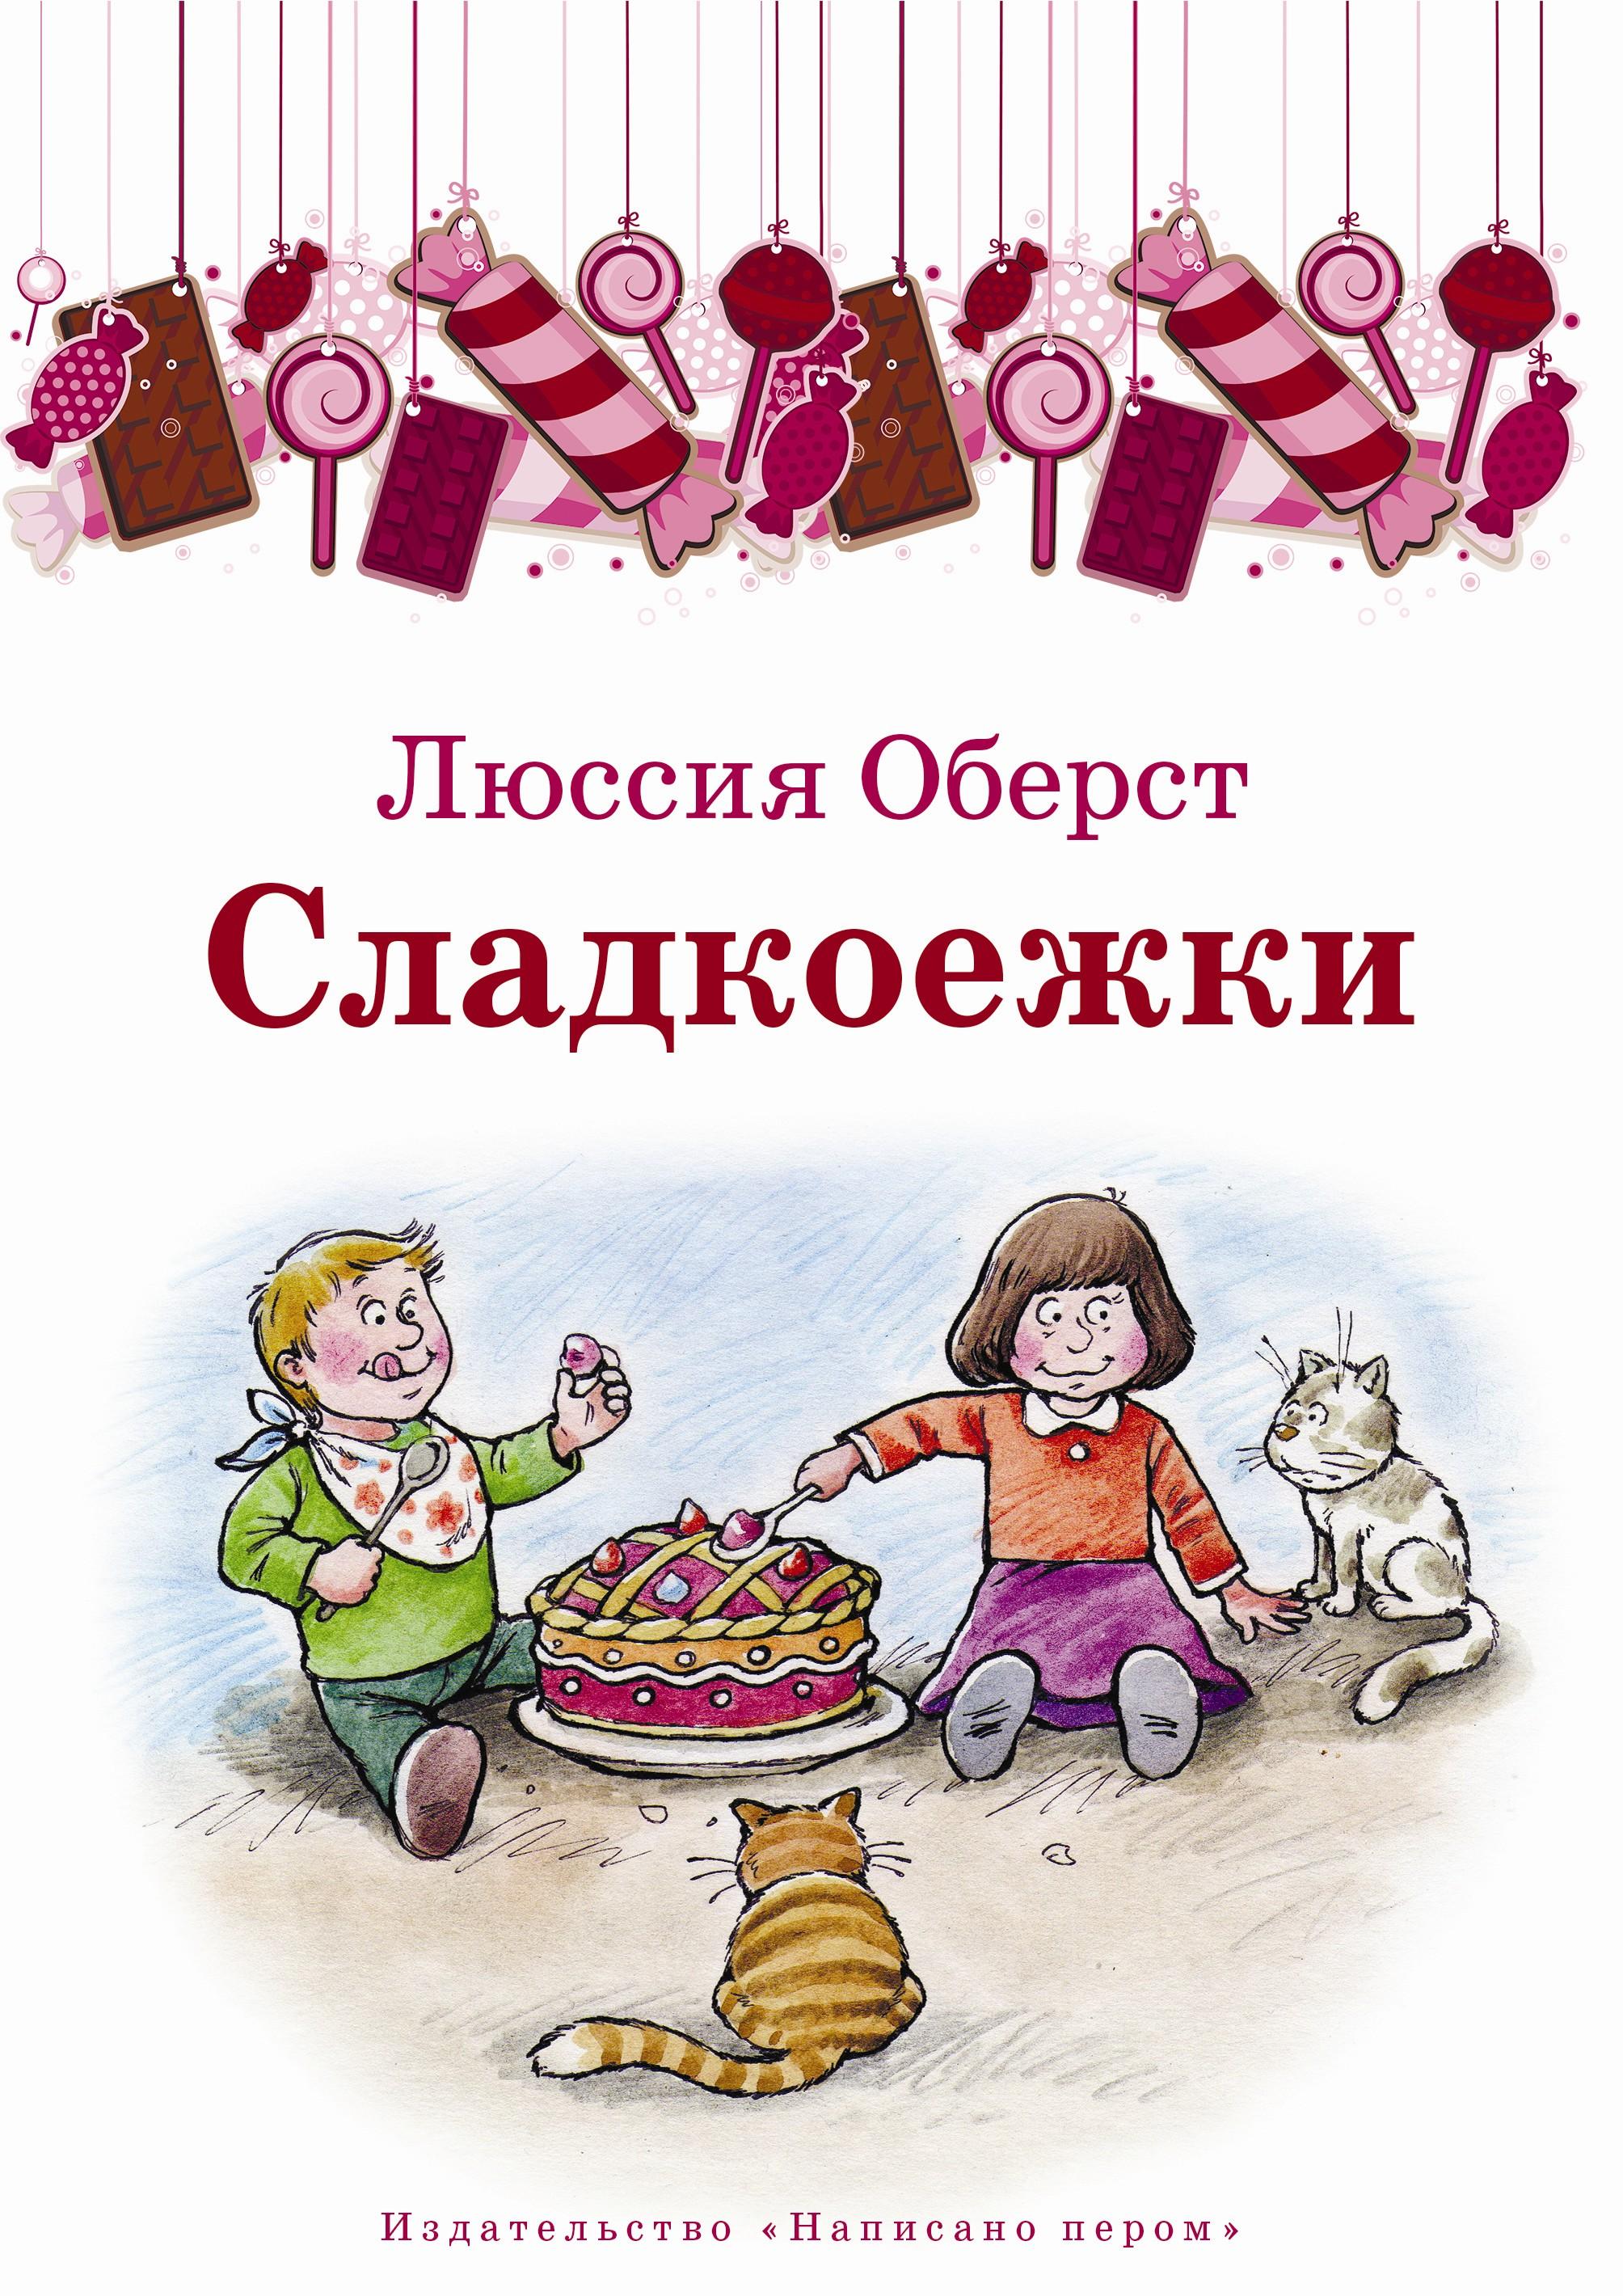 Люссия Оберст Сладкоежки (сборник) книги эксмо как относиться к себе и к людям